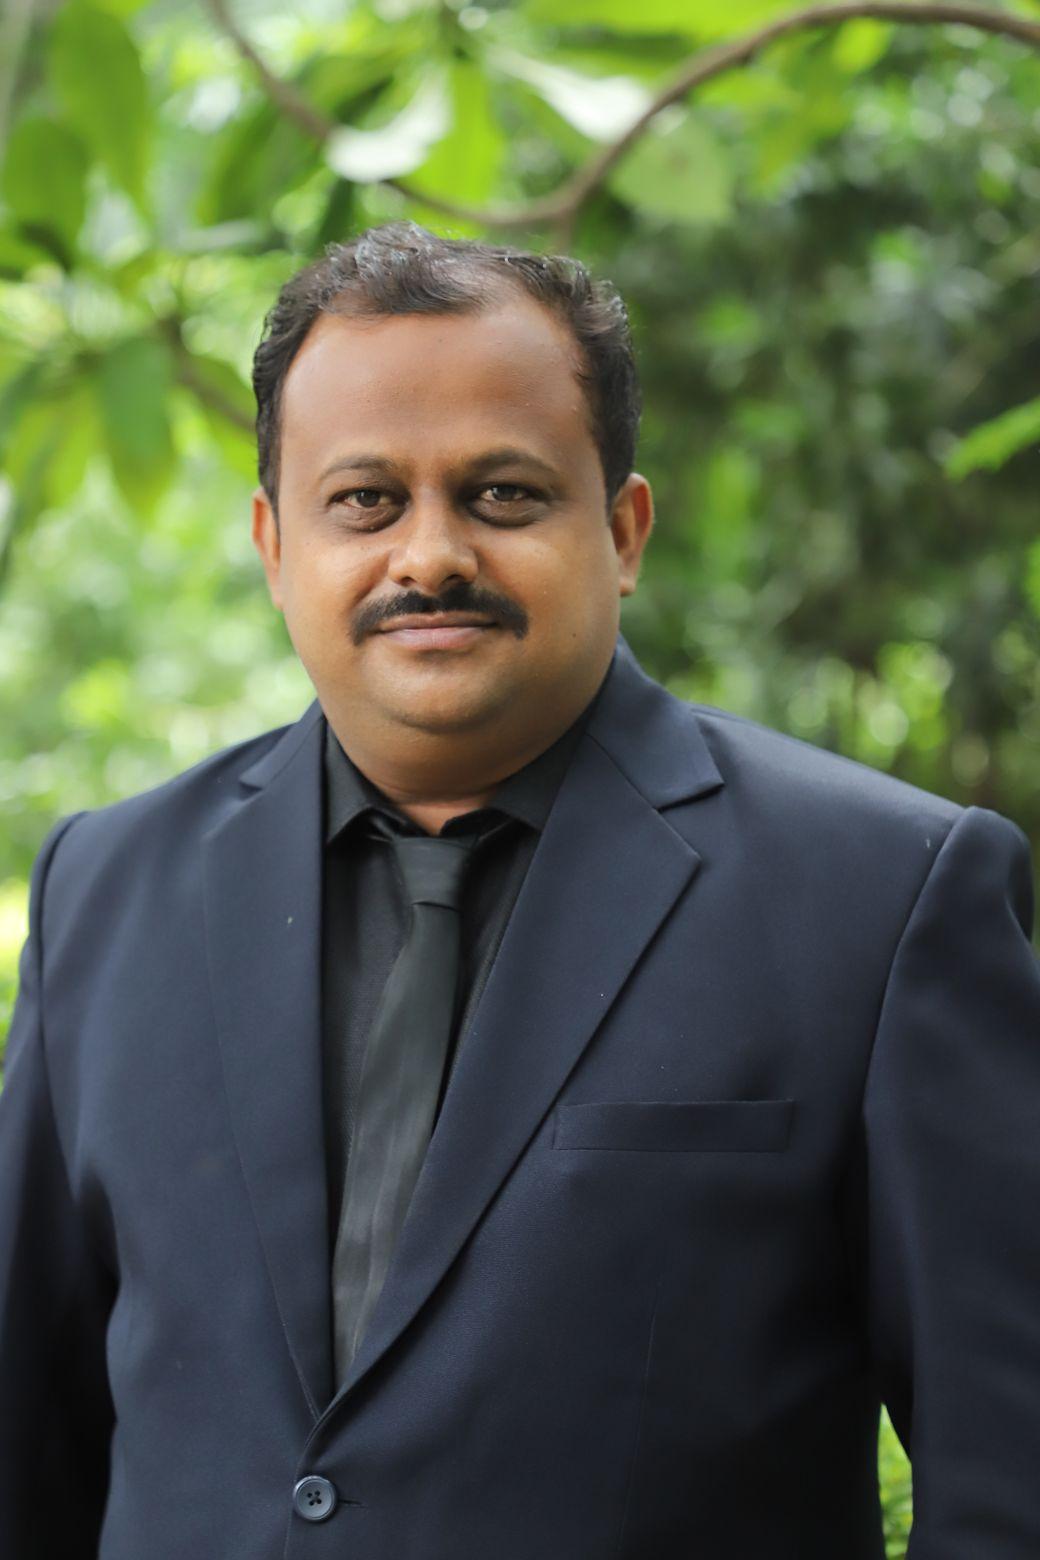 Mr. Khayyam Mulla